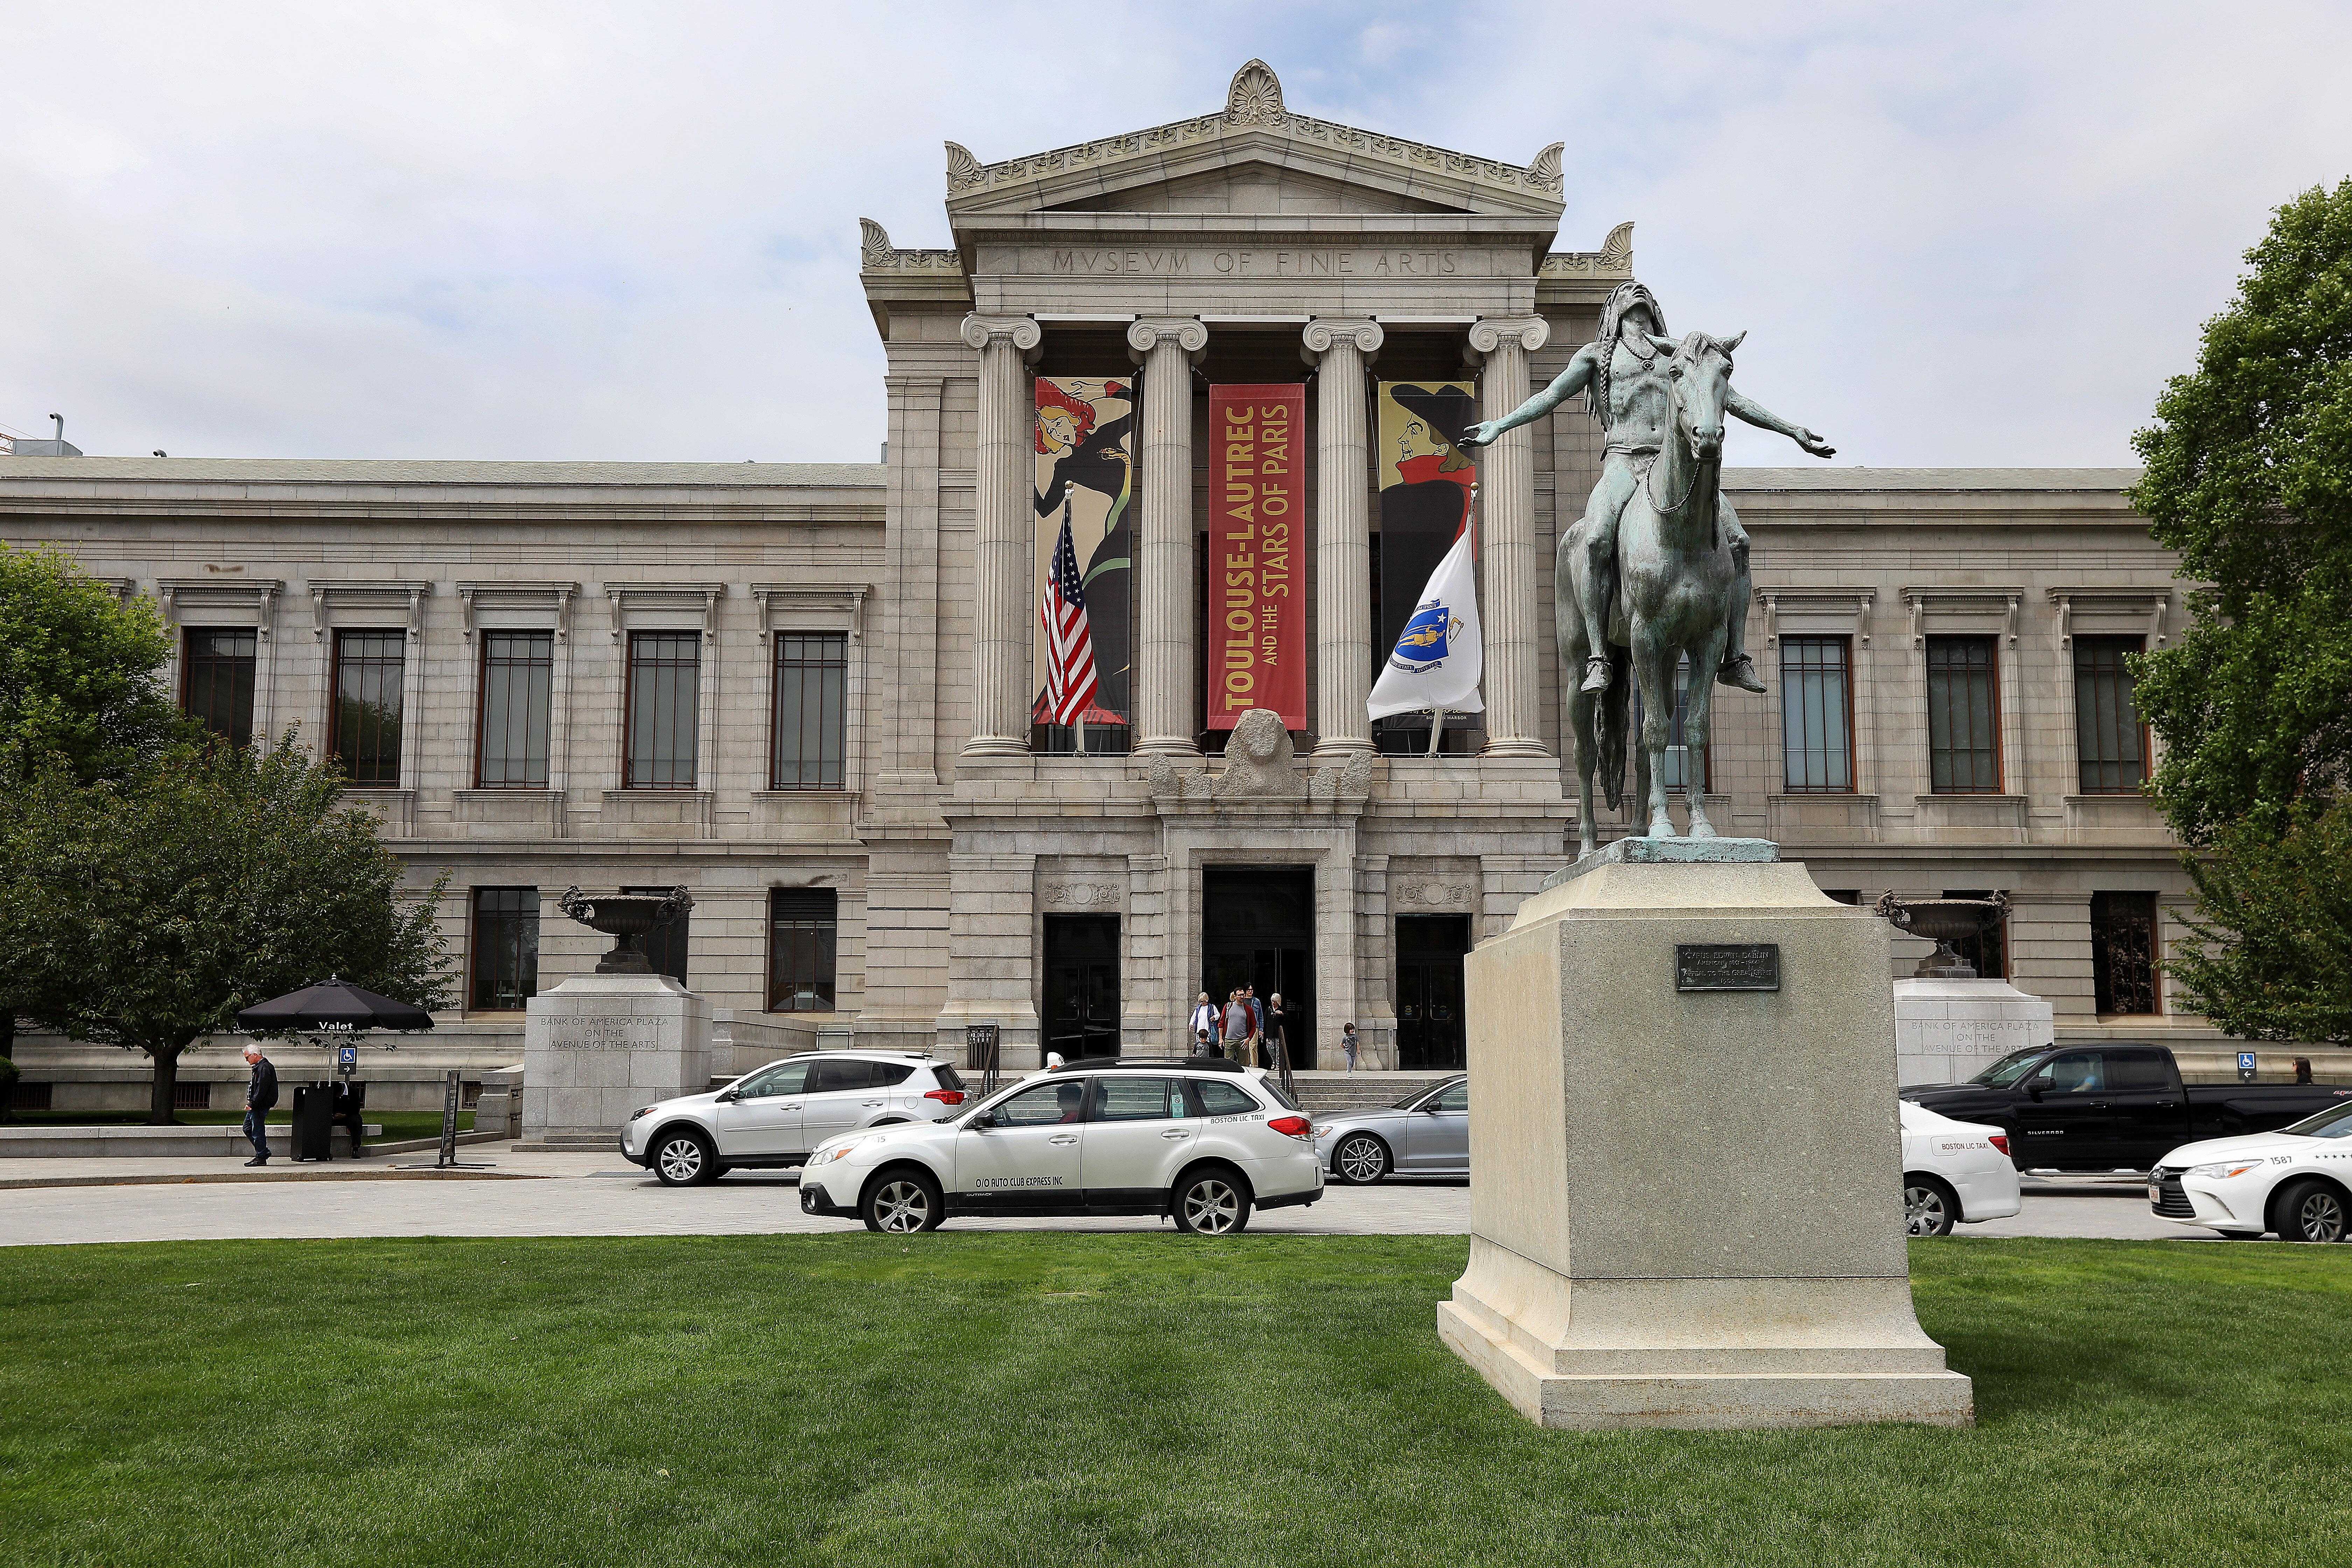 Γιατί η φράση «όχι καρπούζια» που είπε υπάλληλος μουσείου σε μαθητές έφερε θύελλα